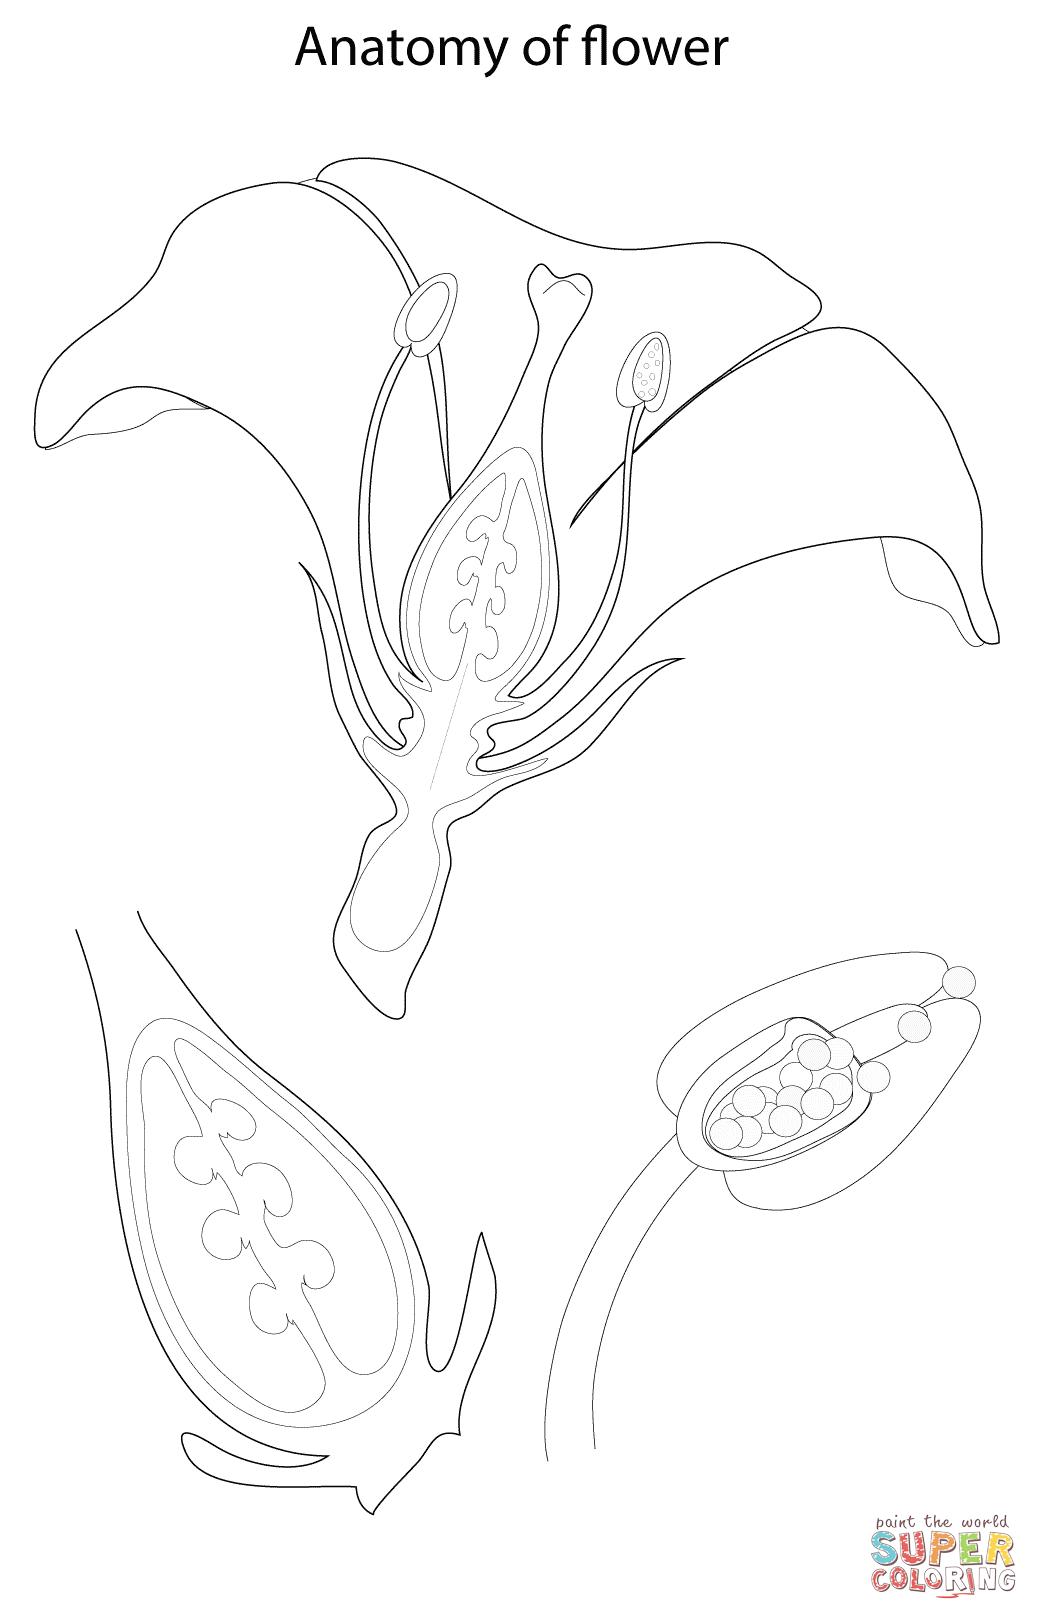 Disegno Di Anatomia Del Fiore Da Colorare